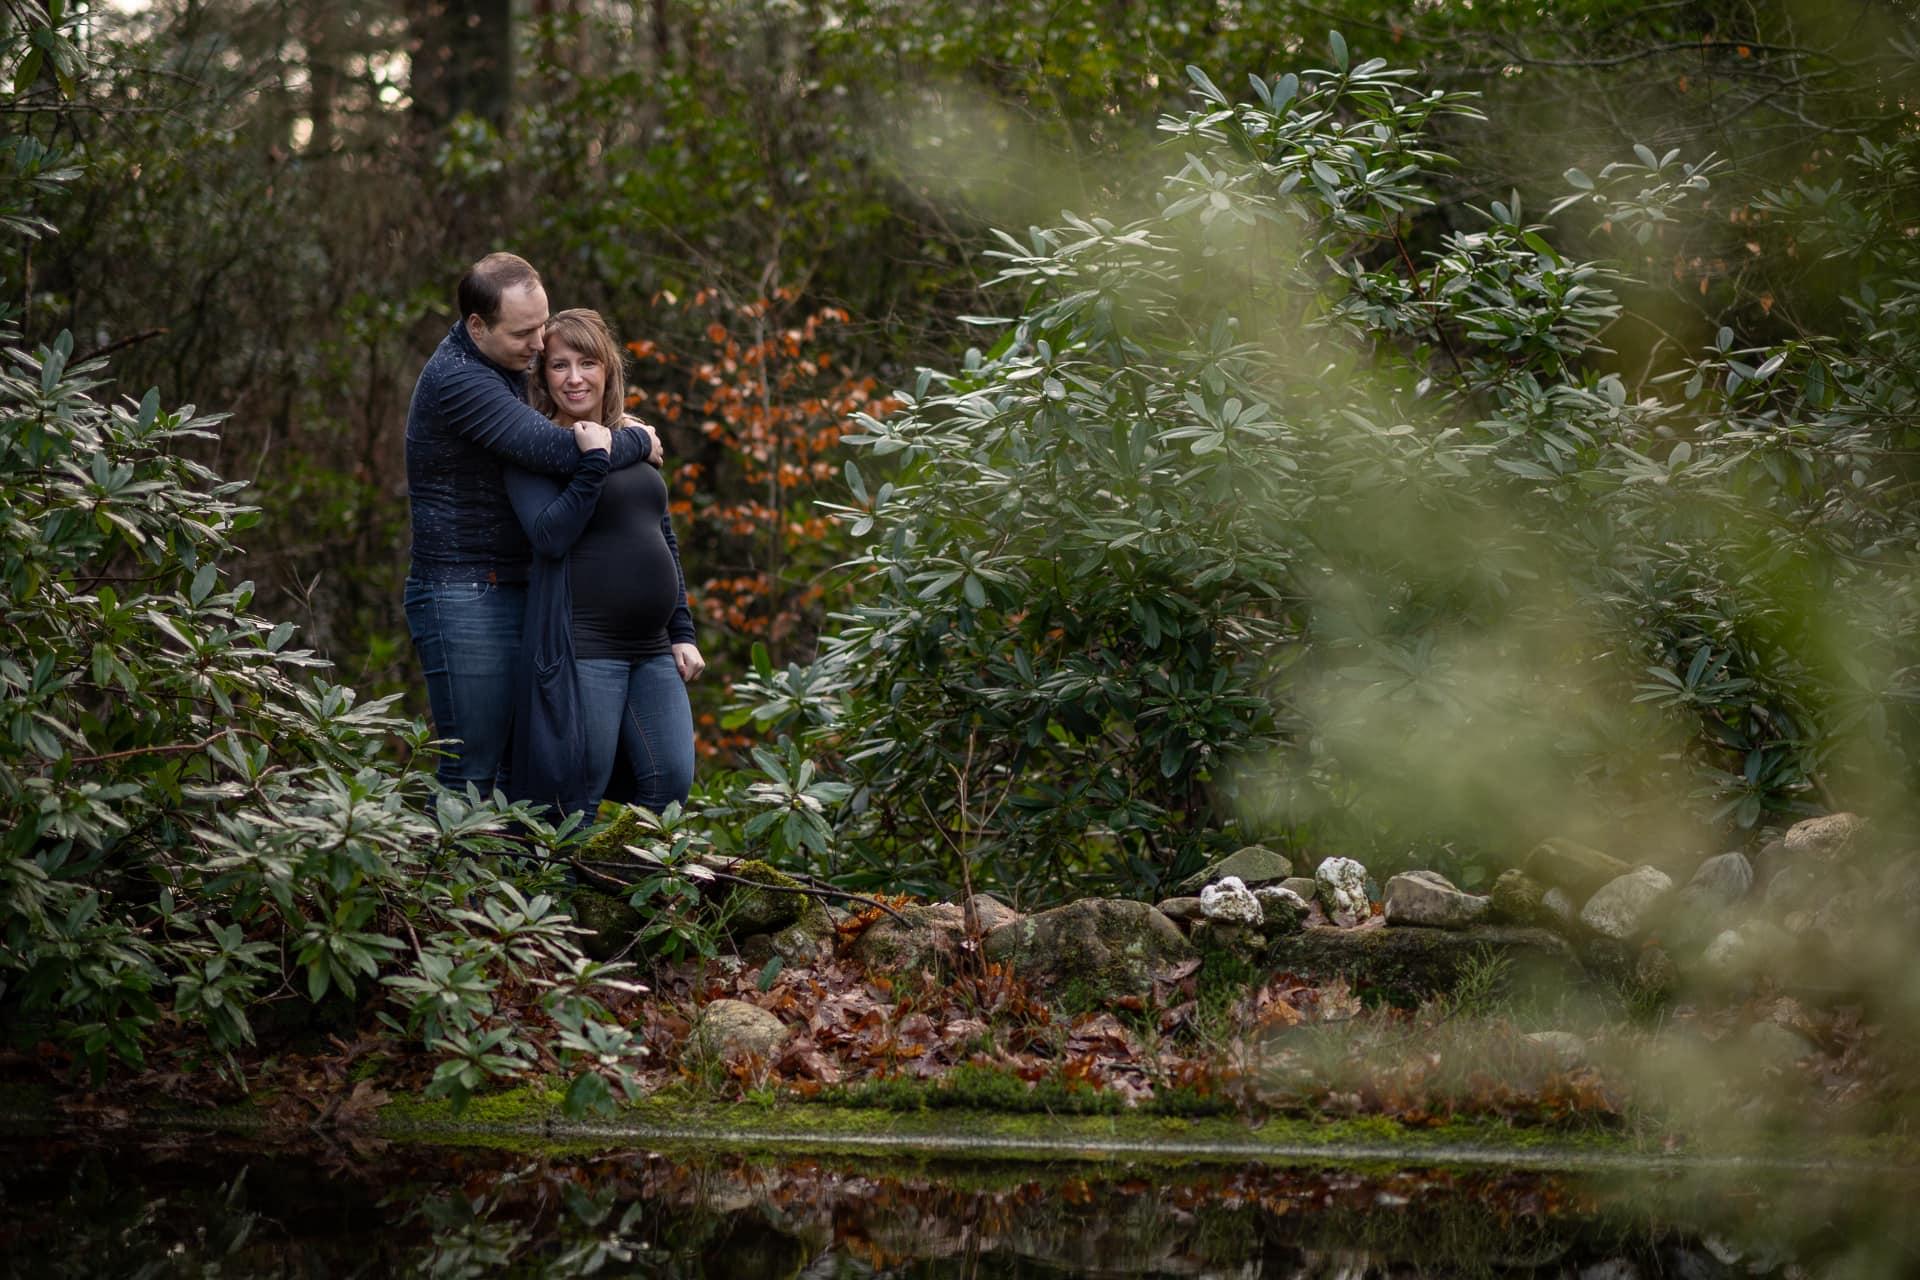 37 weken zwanger samen in de natuur